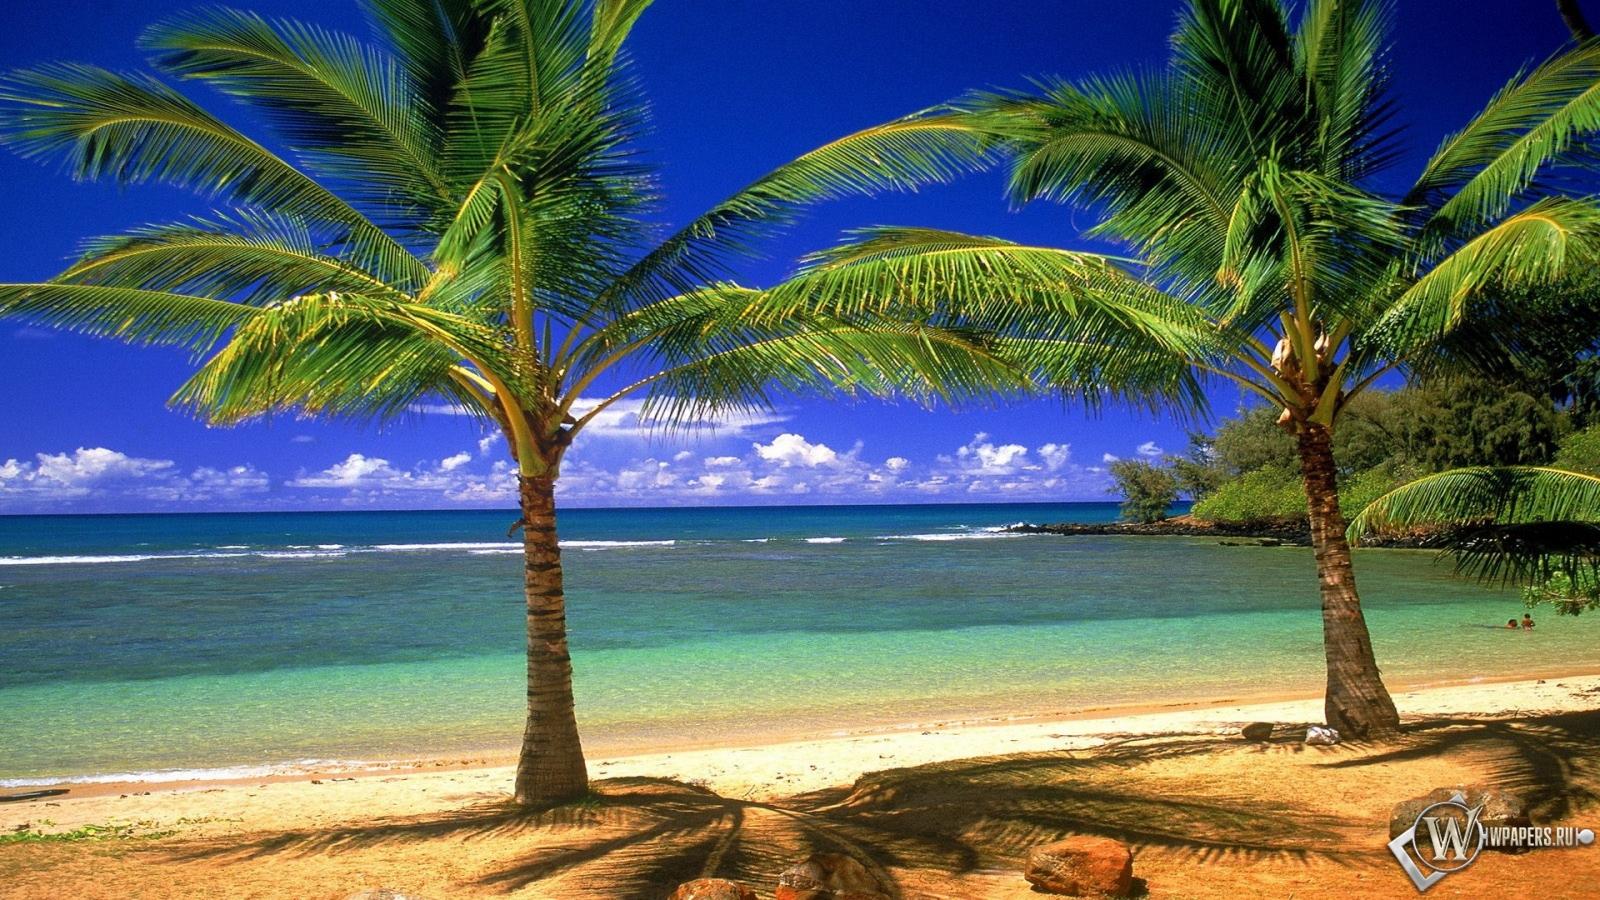 Приключения на гавайских островах порно 15 фотография